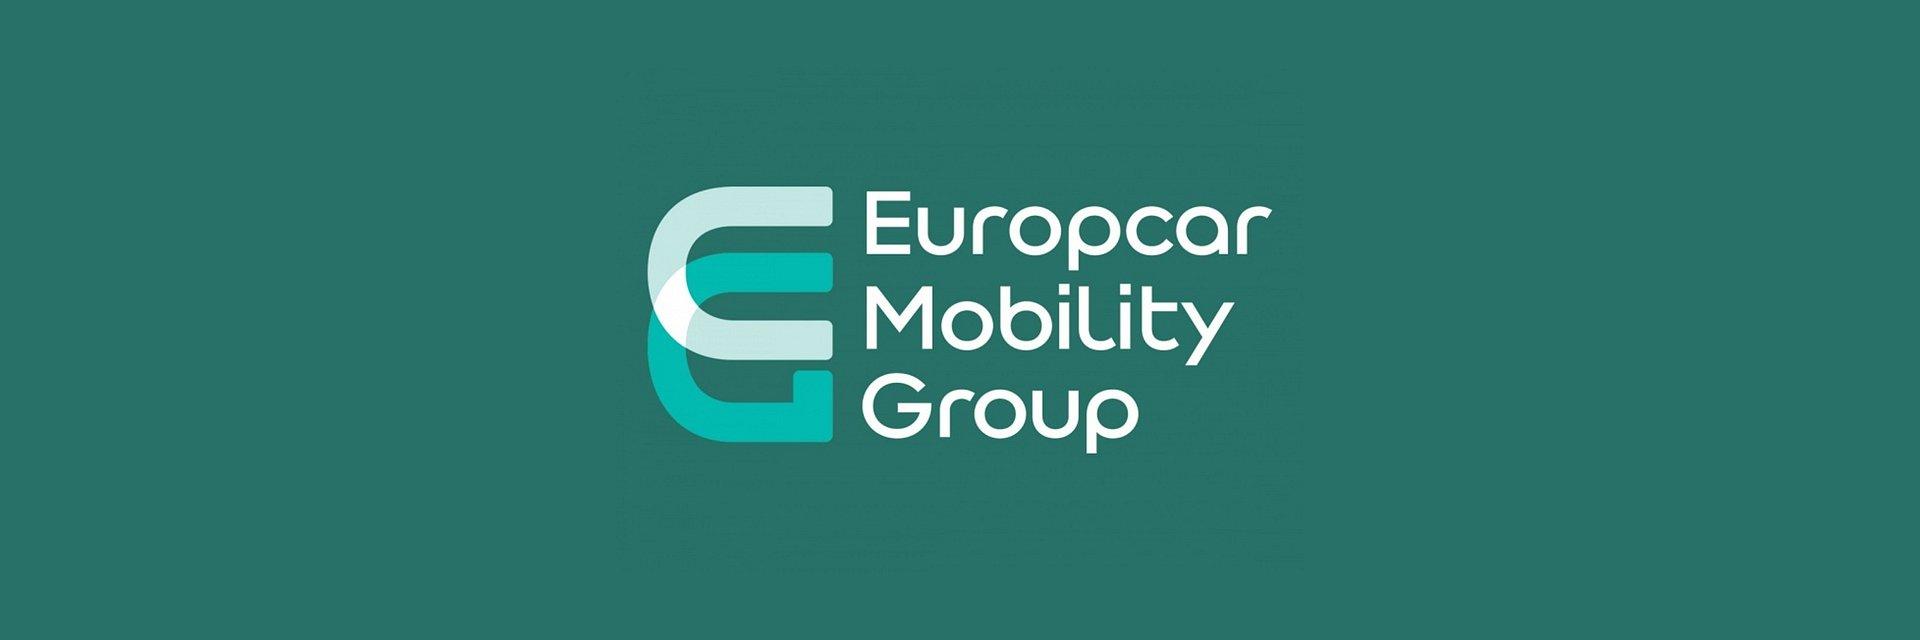 Europcar Mobility Group Portugal adota medidas de contenção da pandemia no serviço ao cliente